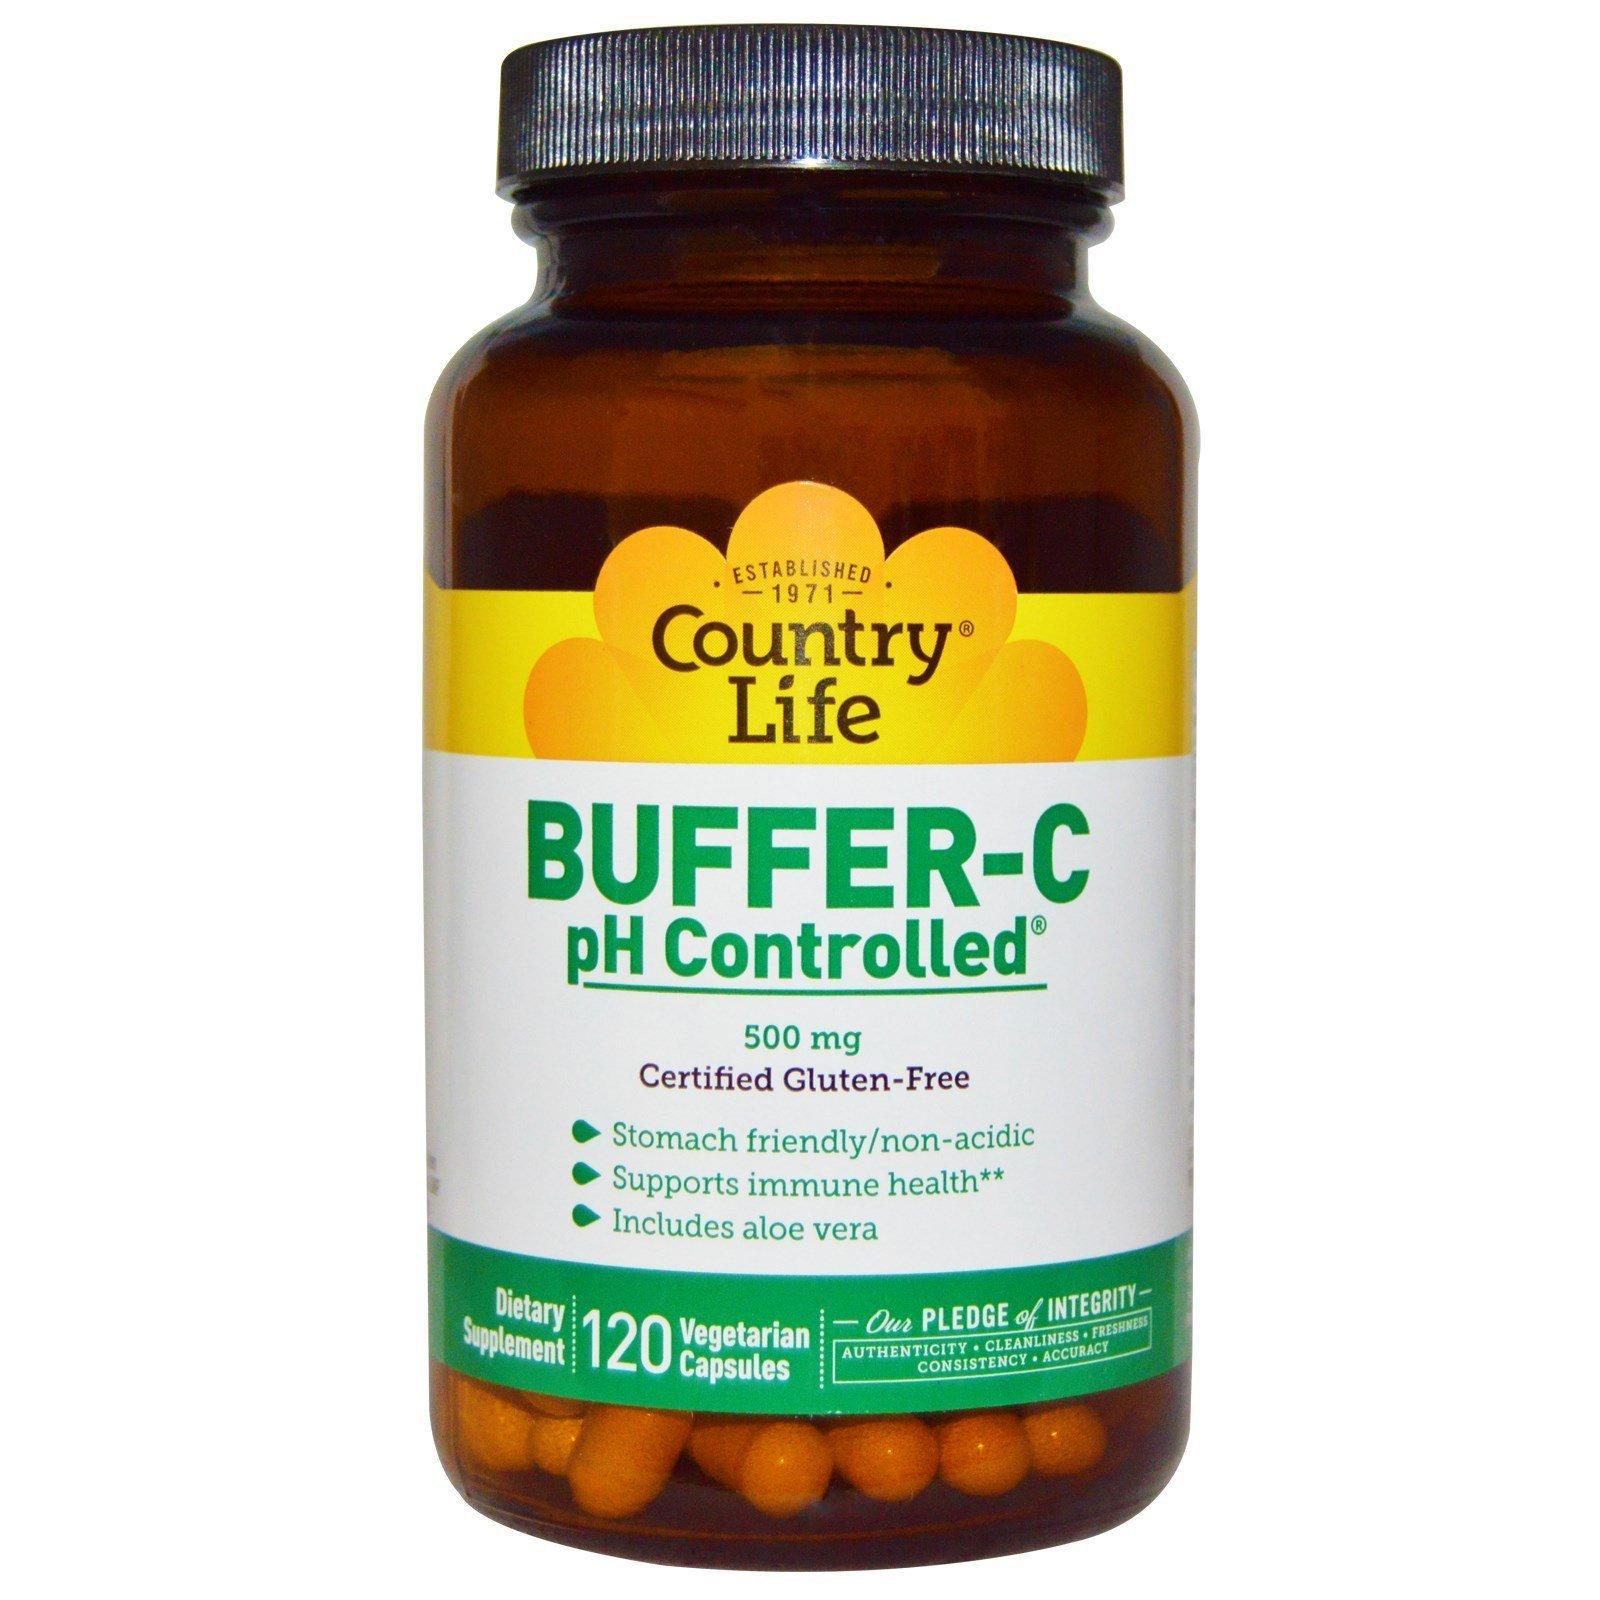 COUNTRY LIFE Vitamins Buffer C,PH CNTRLD,500 MG, 120 VCAP